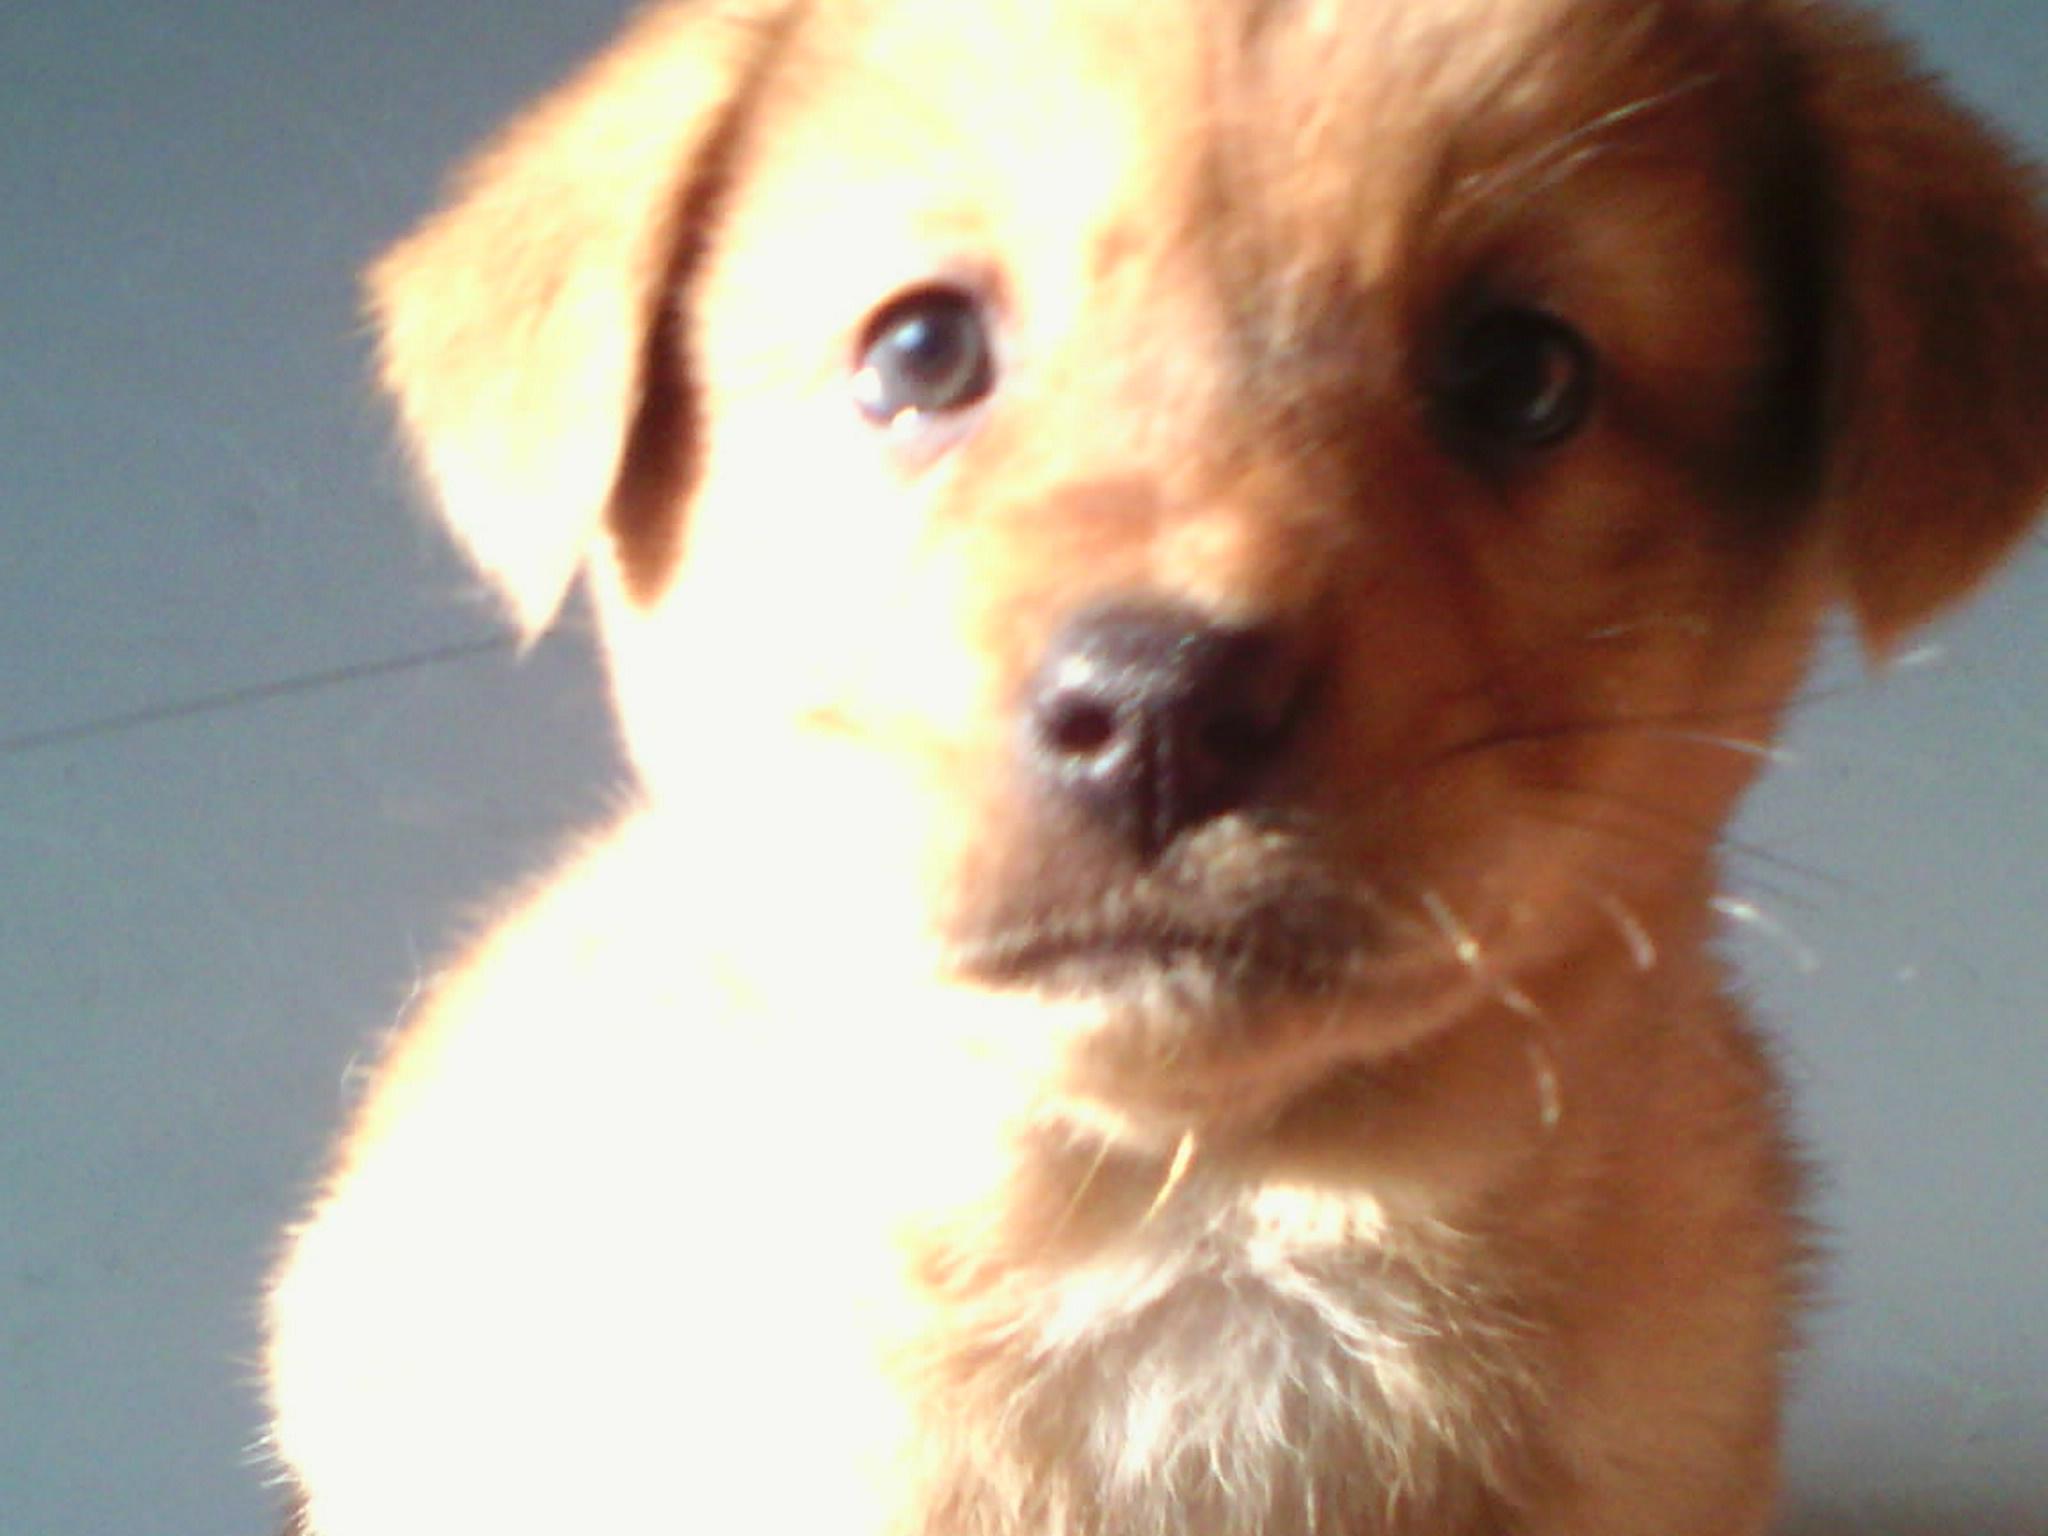 欧美亲子乱伦囹�a_这狗狗是什么品种?身子黄耳朵和脸是黑色耳朵也黑